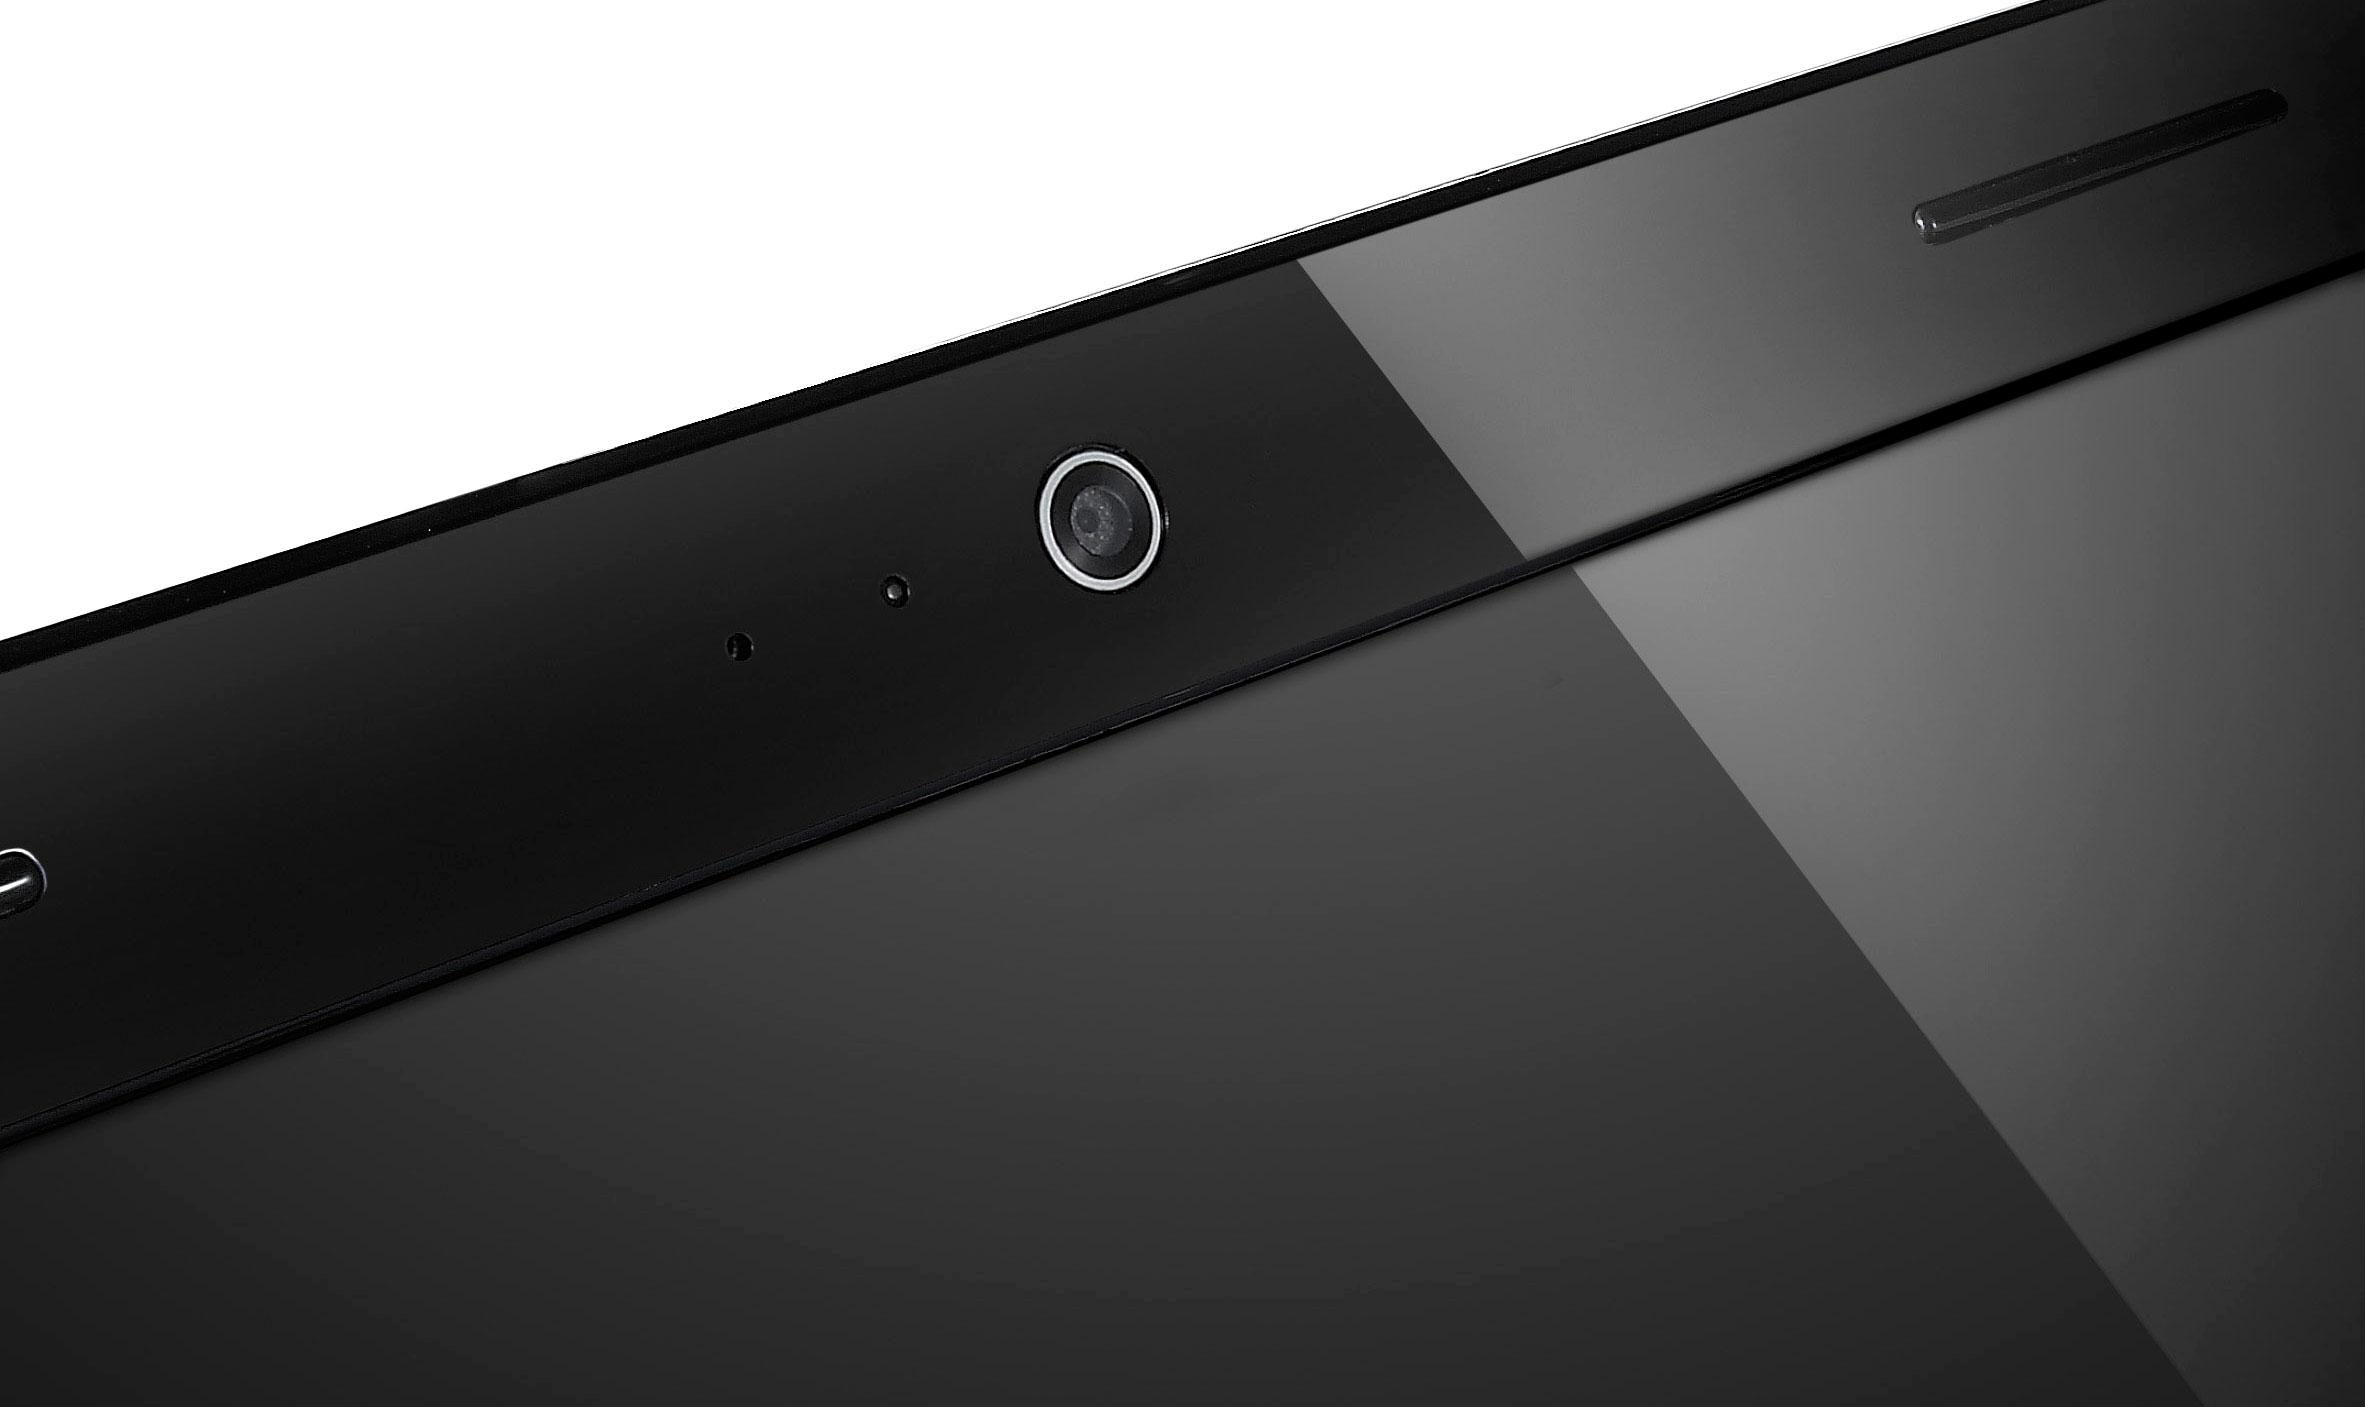 веб камера в ноутбуке